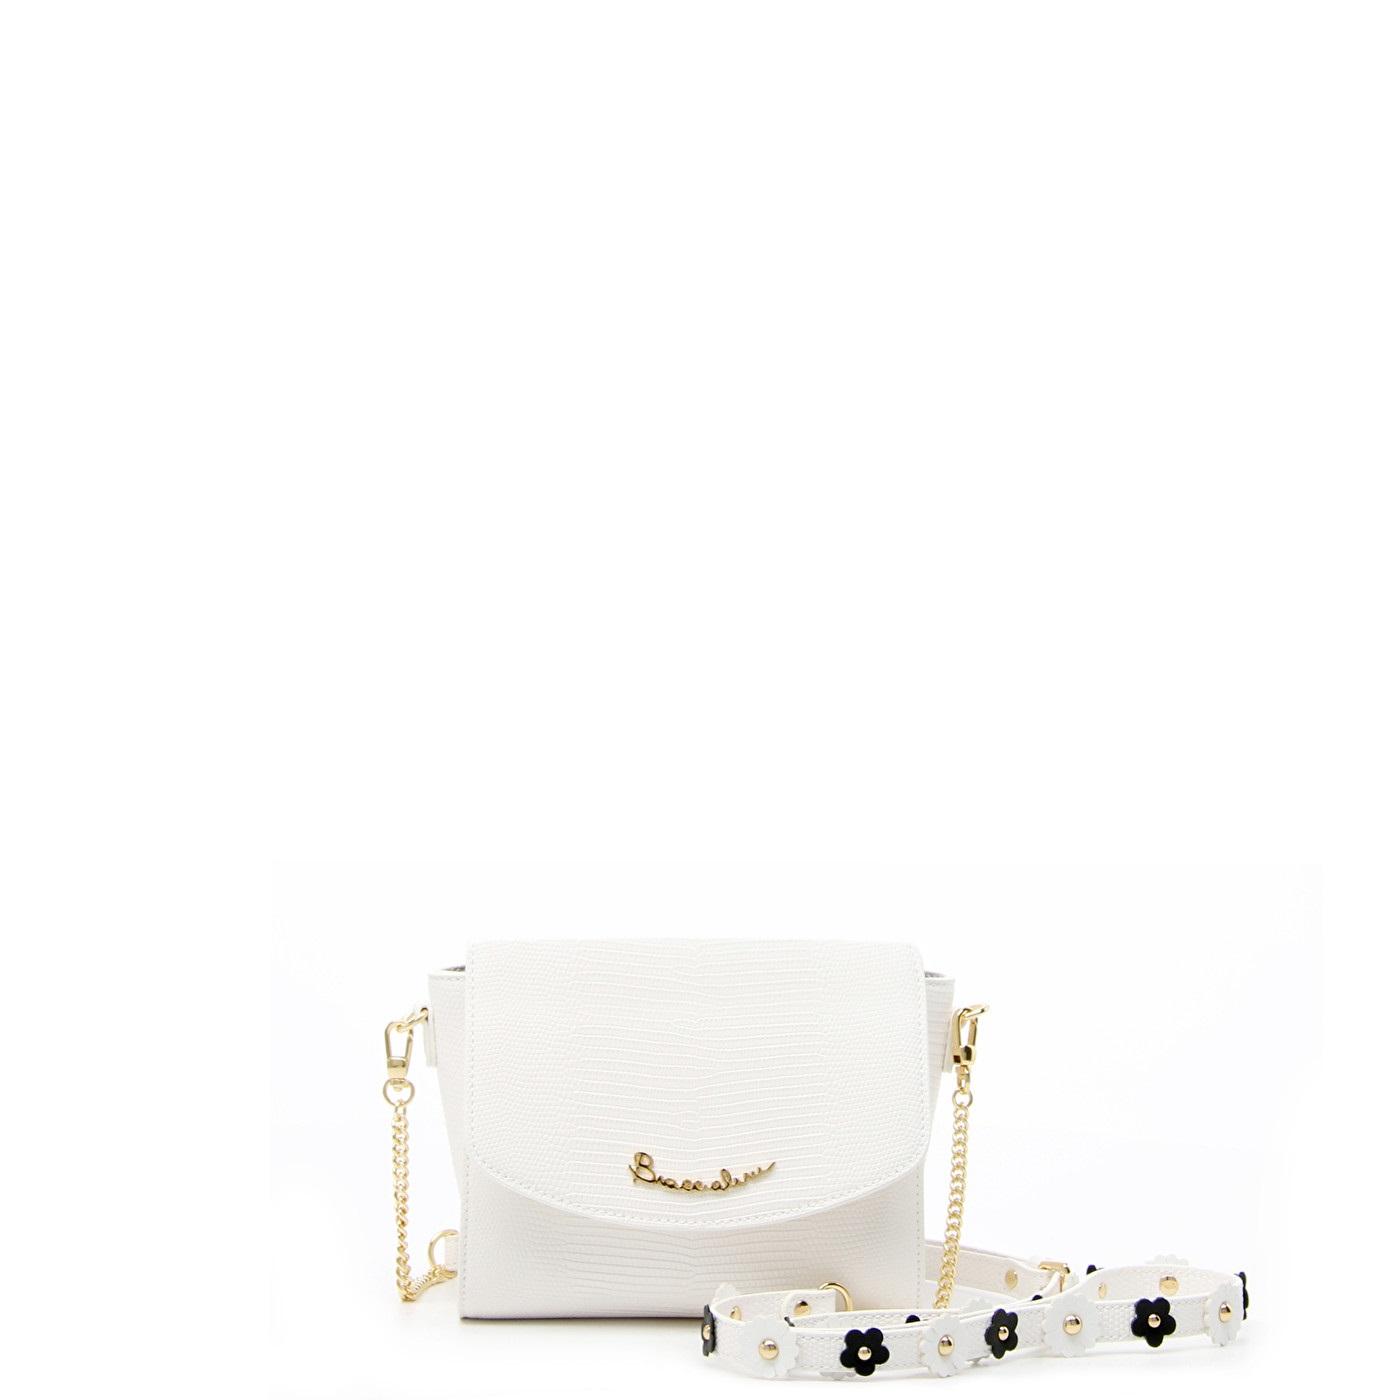 efa17043b7b6 Женская сумка Braccialini 12270 белая - цена 16700 руб, купить